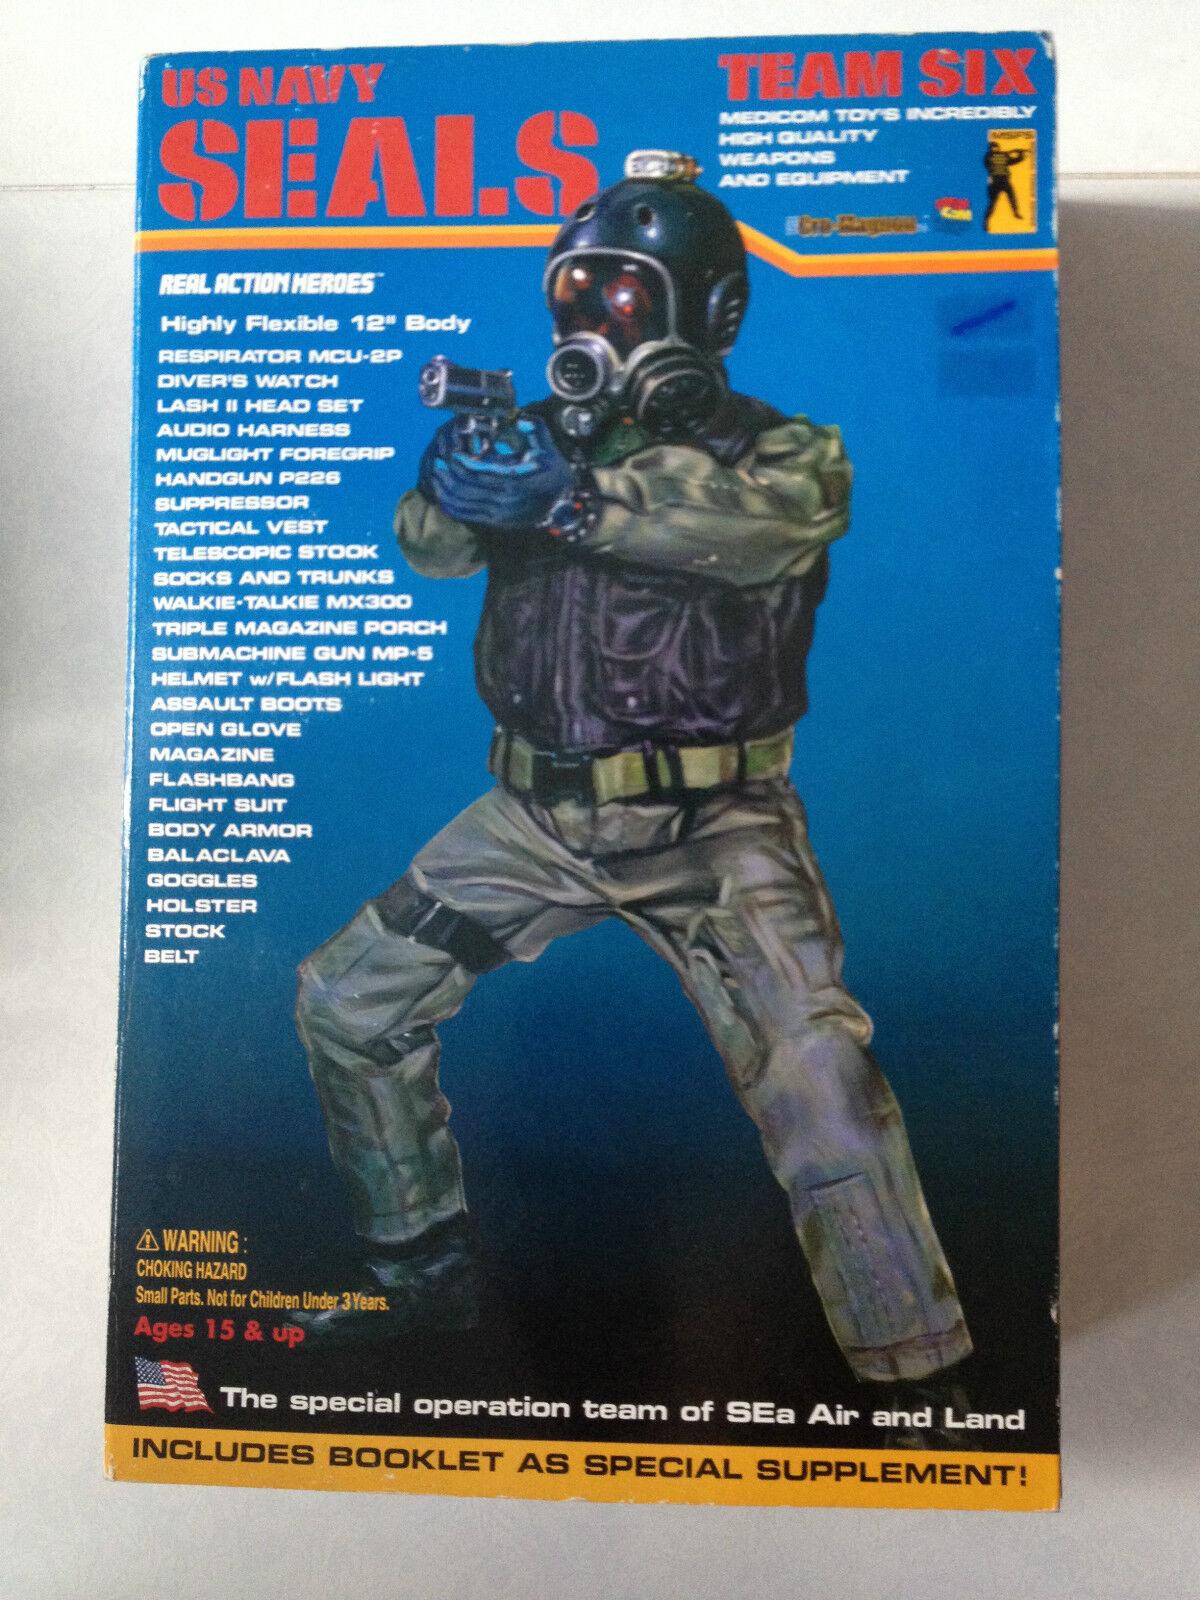 Medicom 12  US Navy Seal 1 6 équipe  six Cro Magnon Real Action Heroes 2001 Action Figure  économiser jusqu'à 50%